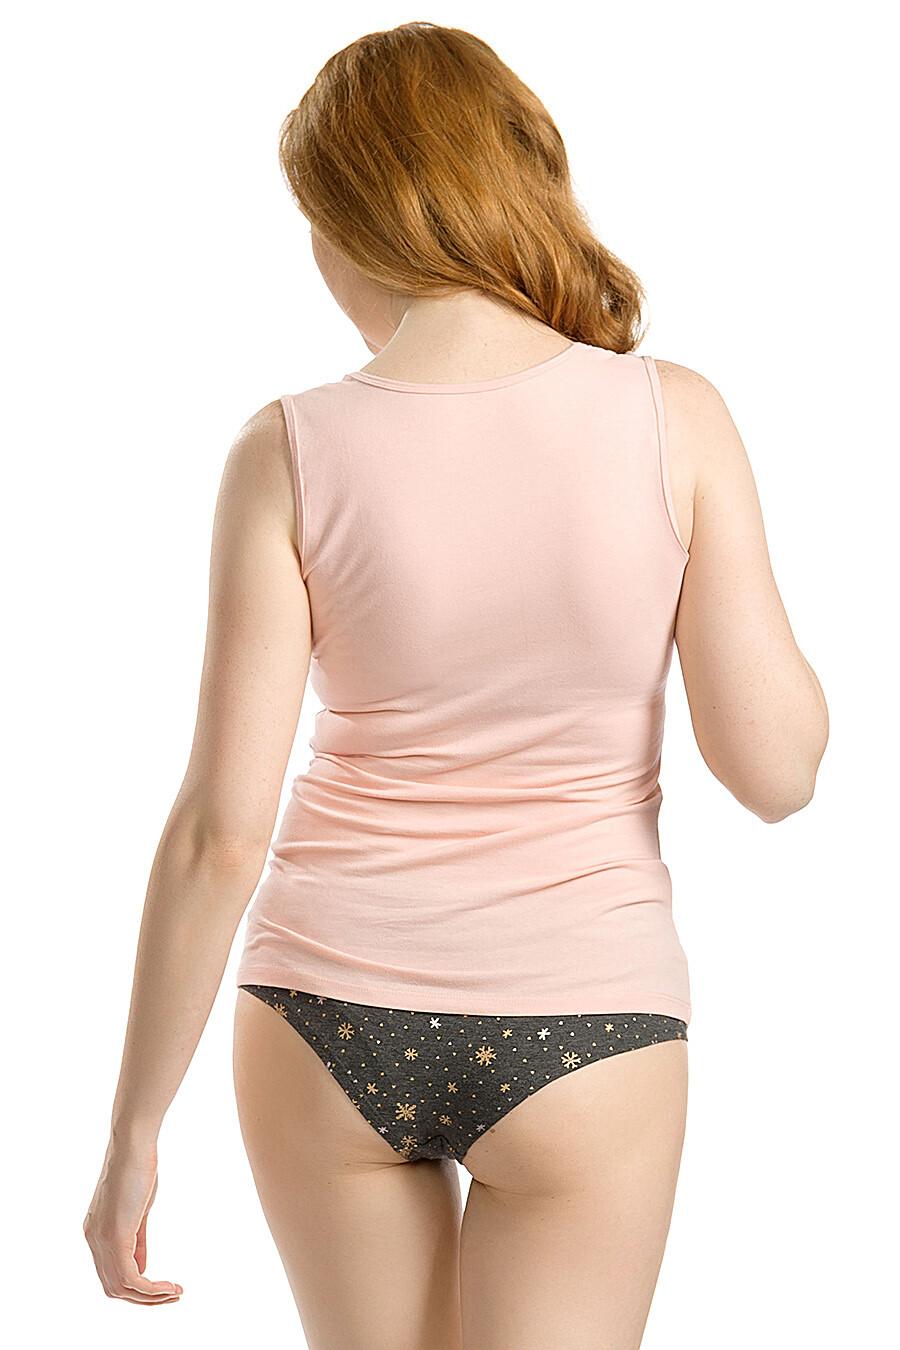 Комплект для женщин PELICAN 161478 купить оптом от производителя. Совместная покупка женской одежды в OptMoyo